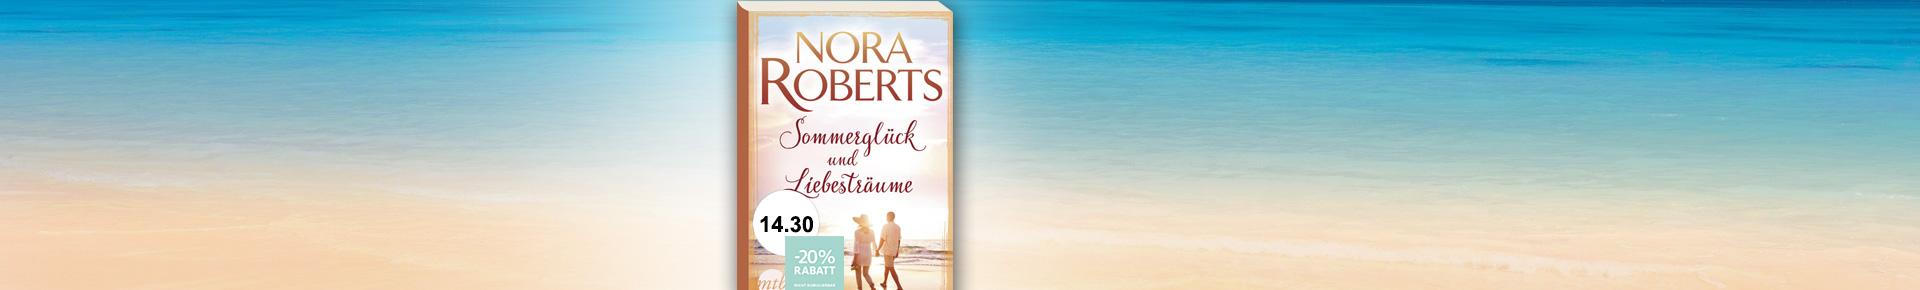 Nora Roberts - Sommerglück und Liebesträume